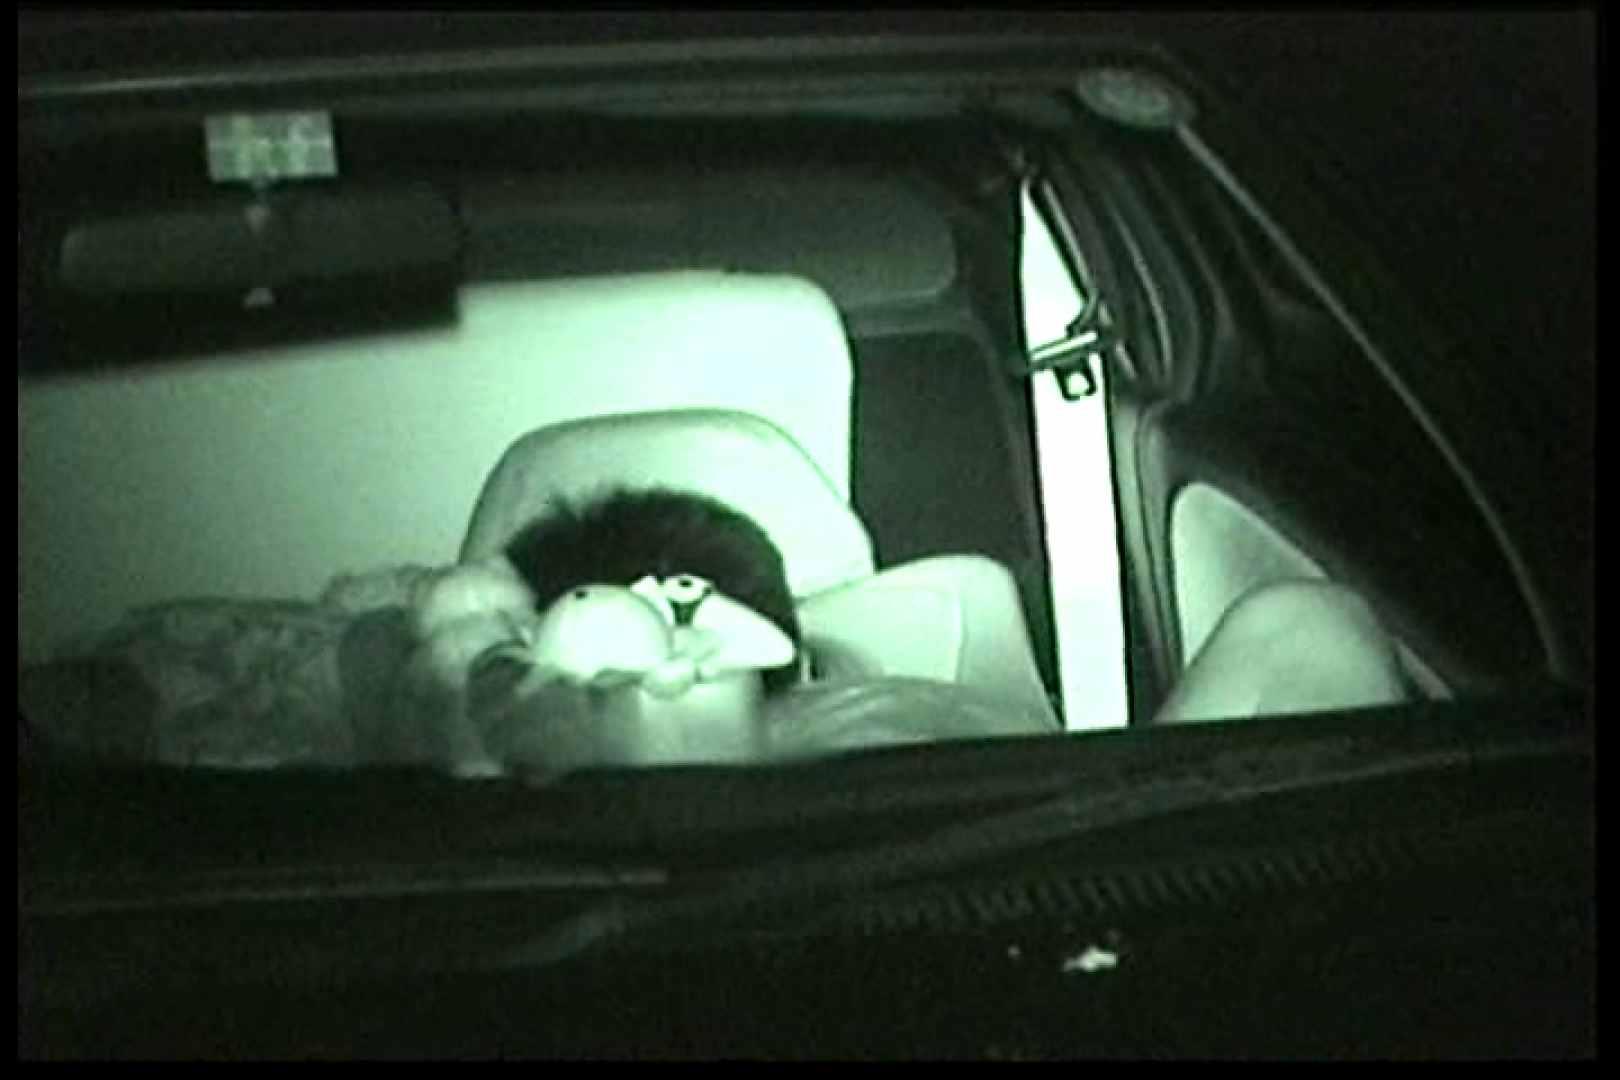 車の中はラブホテル 無修正版  Vol.13 ラブホテル おまんこ無修正動画無料 64画像 34